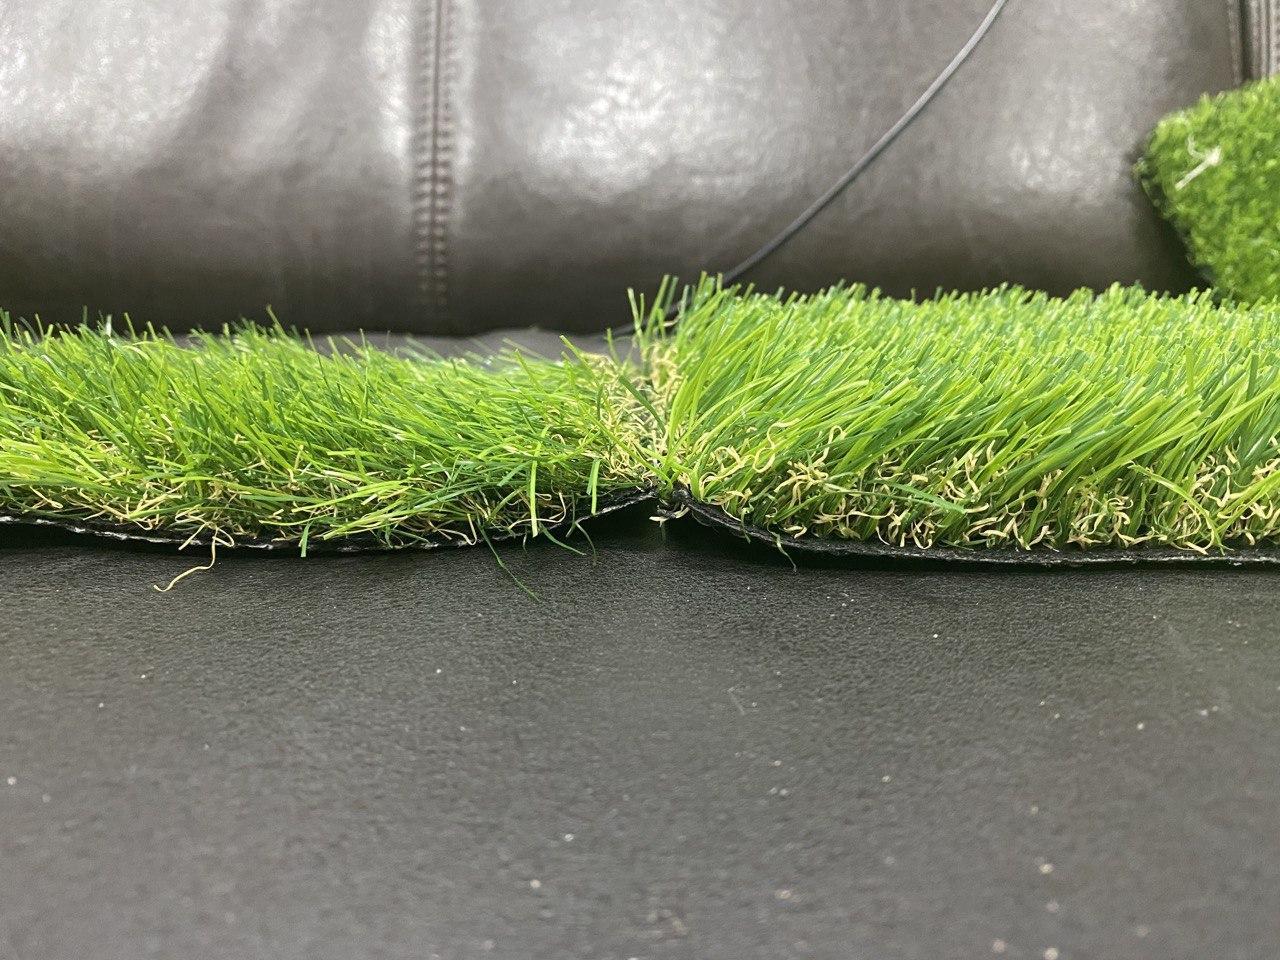 Слева травка с менее густым (частым) ворсом, но высота ворса у обоих 35 мм.